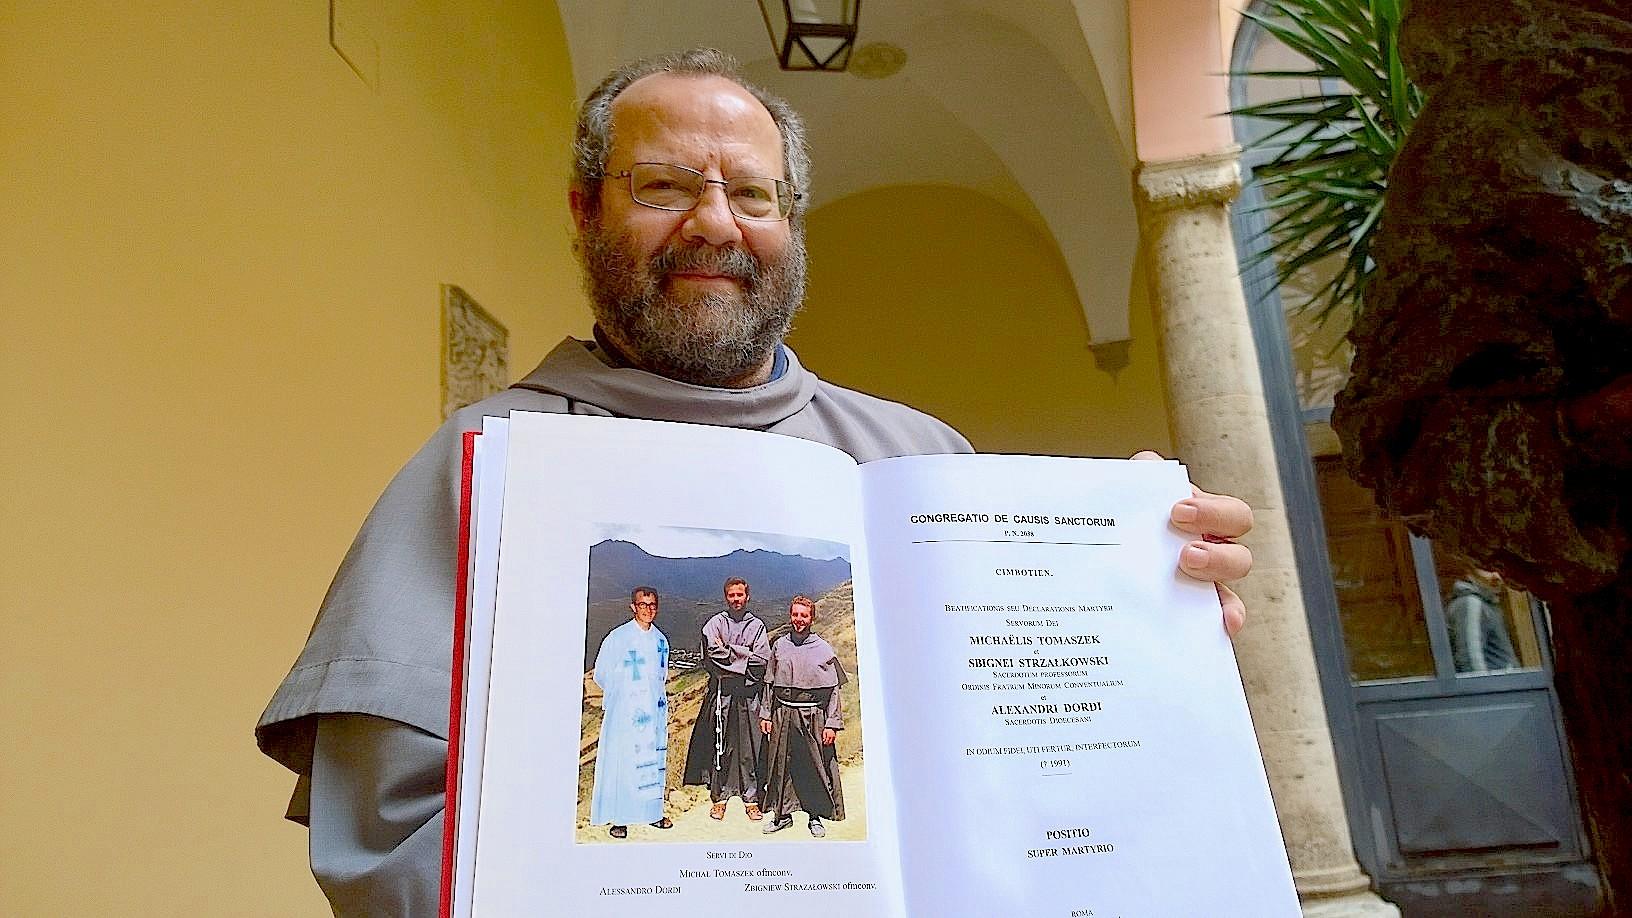 Fray Angelo Paleri postulator of priest died by Sendero Luminoso in Perú - april 2015